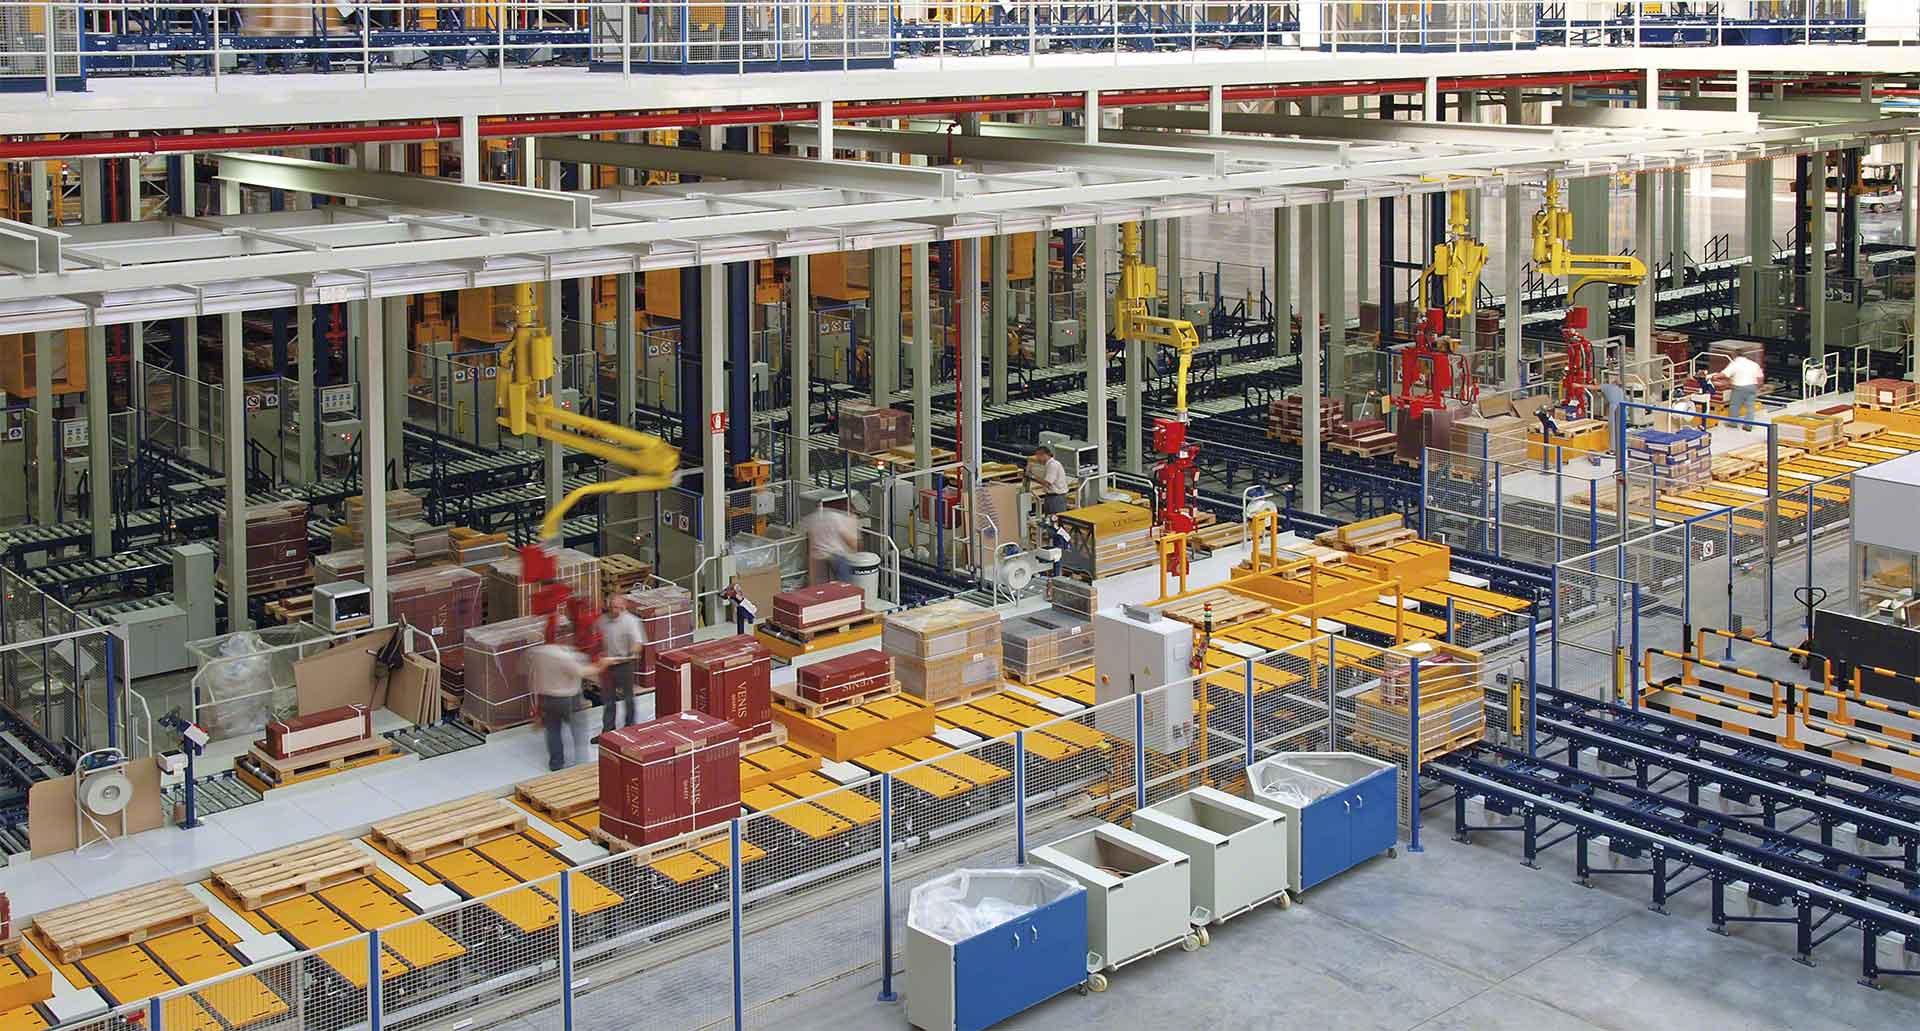 Grâce aux jumeaux numériques, il est possible d'obtenir une réplique très précise du fonctionnement de l'entrepôt